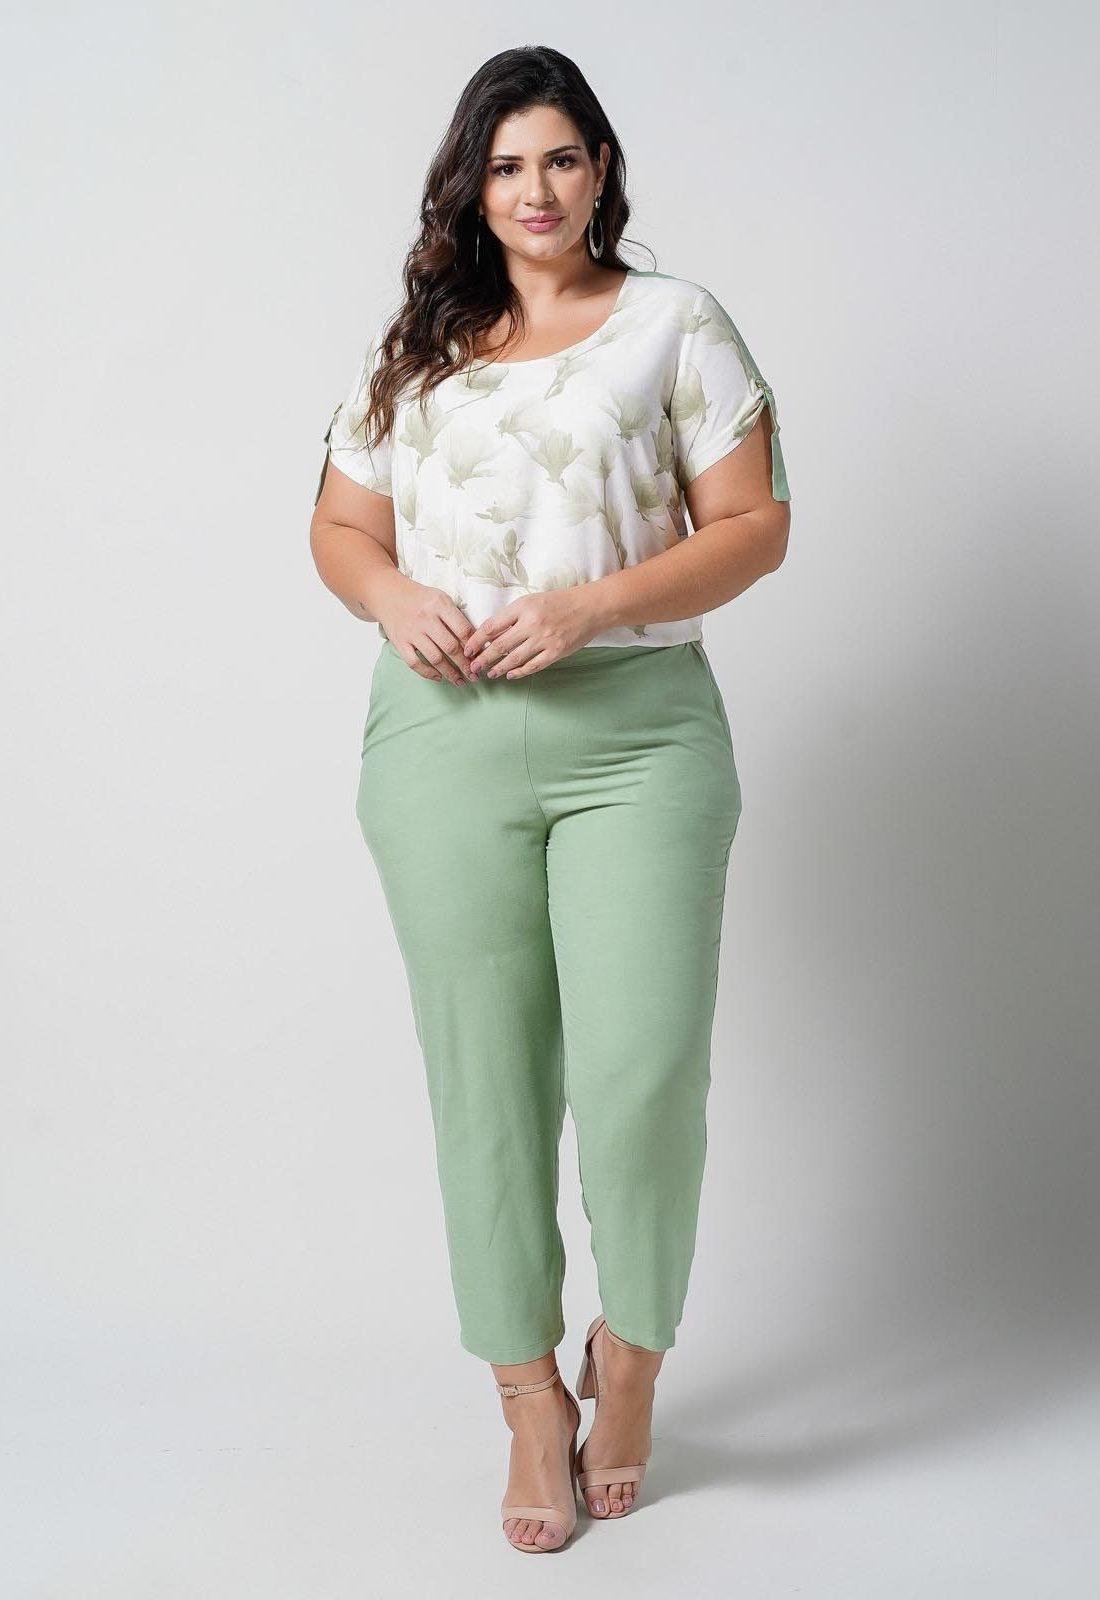 Conjunto  plus size  blusa estampada e calça verde com bolso  Ref. U68621